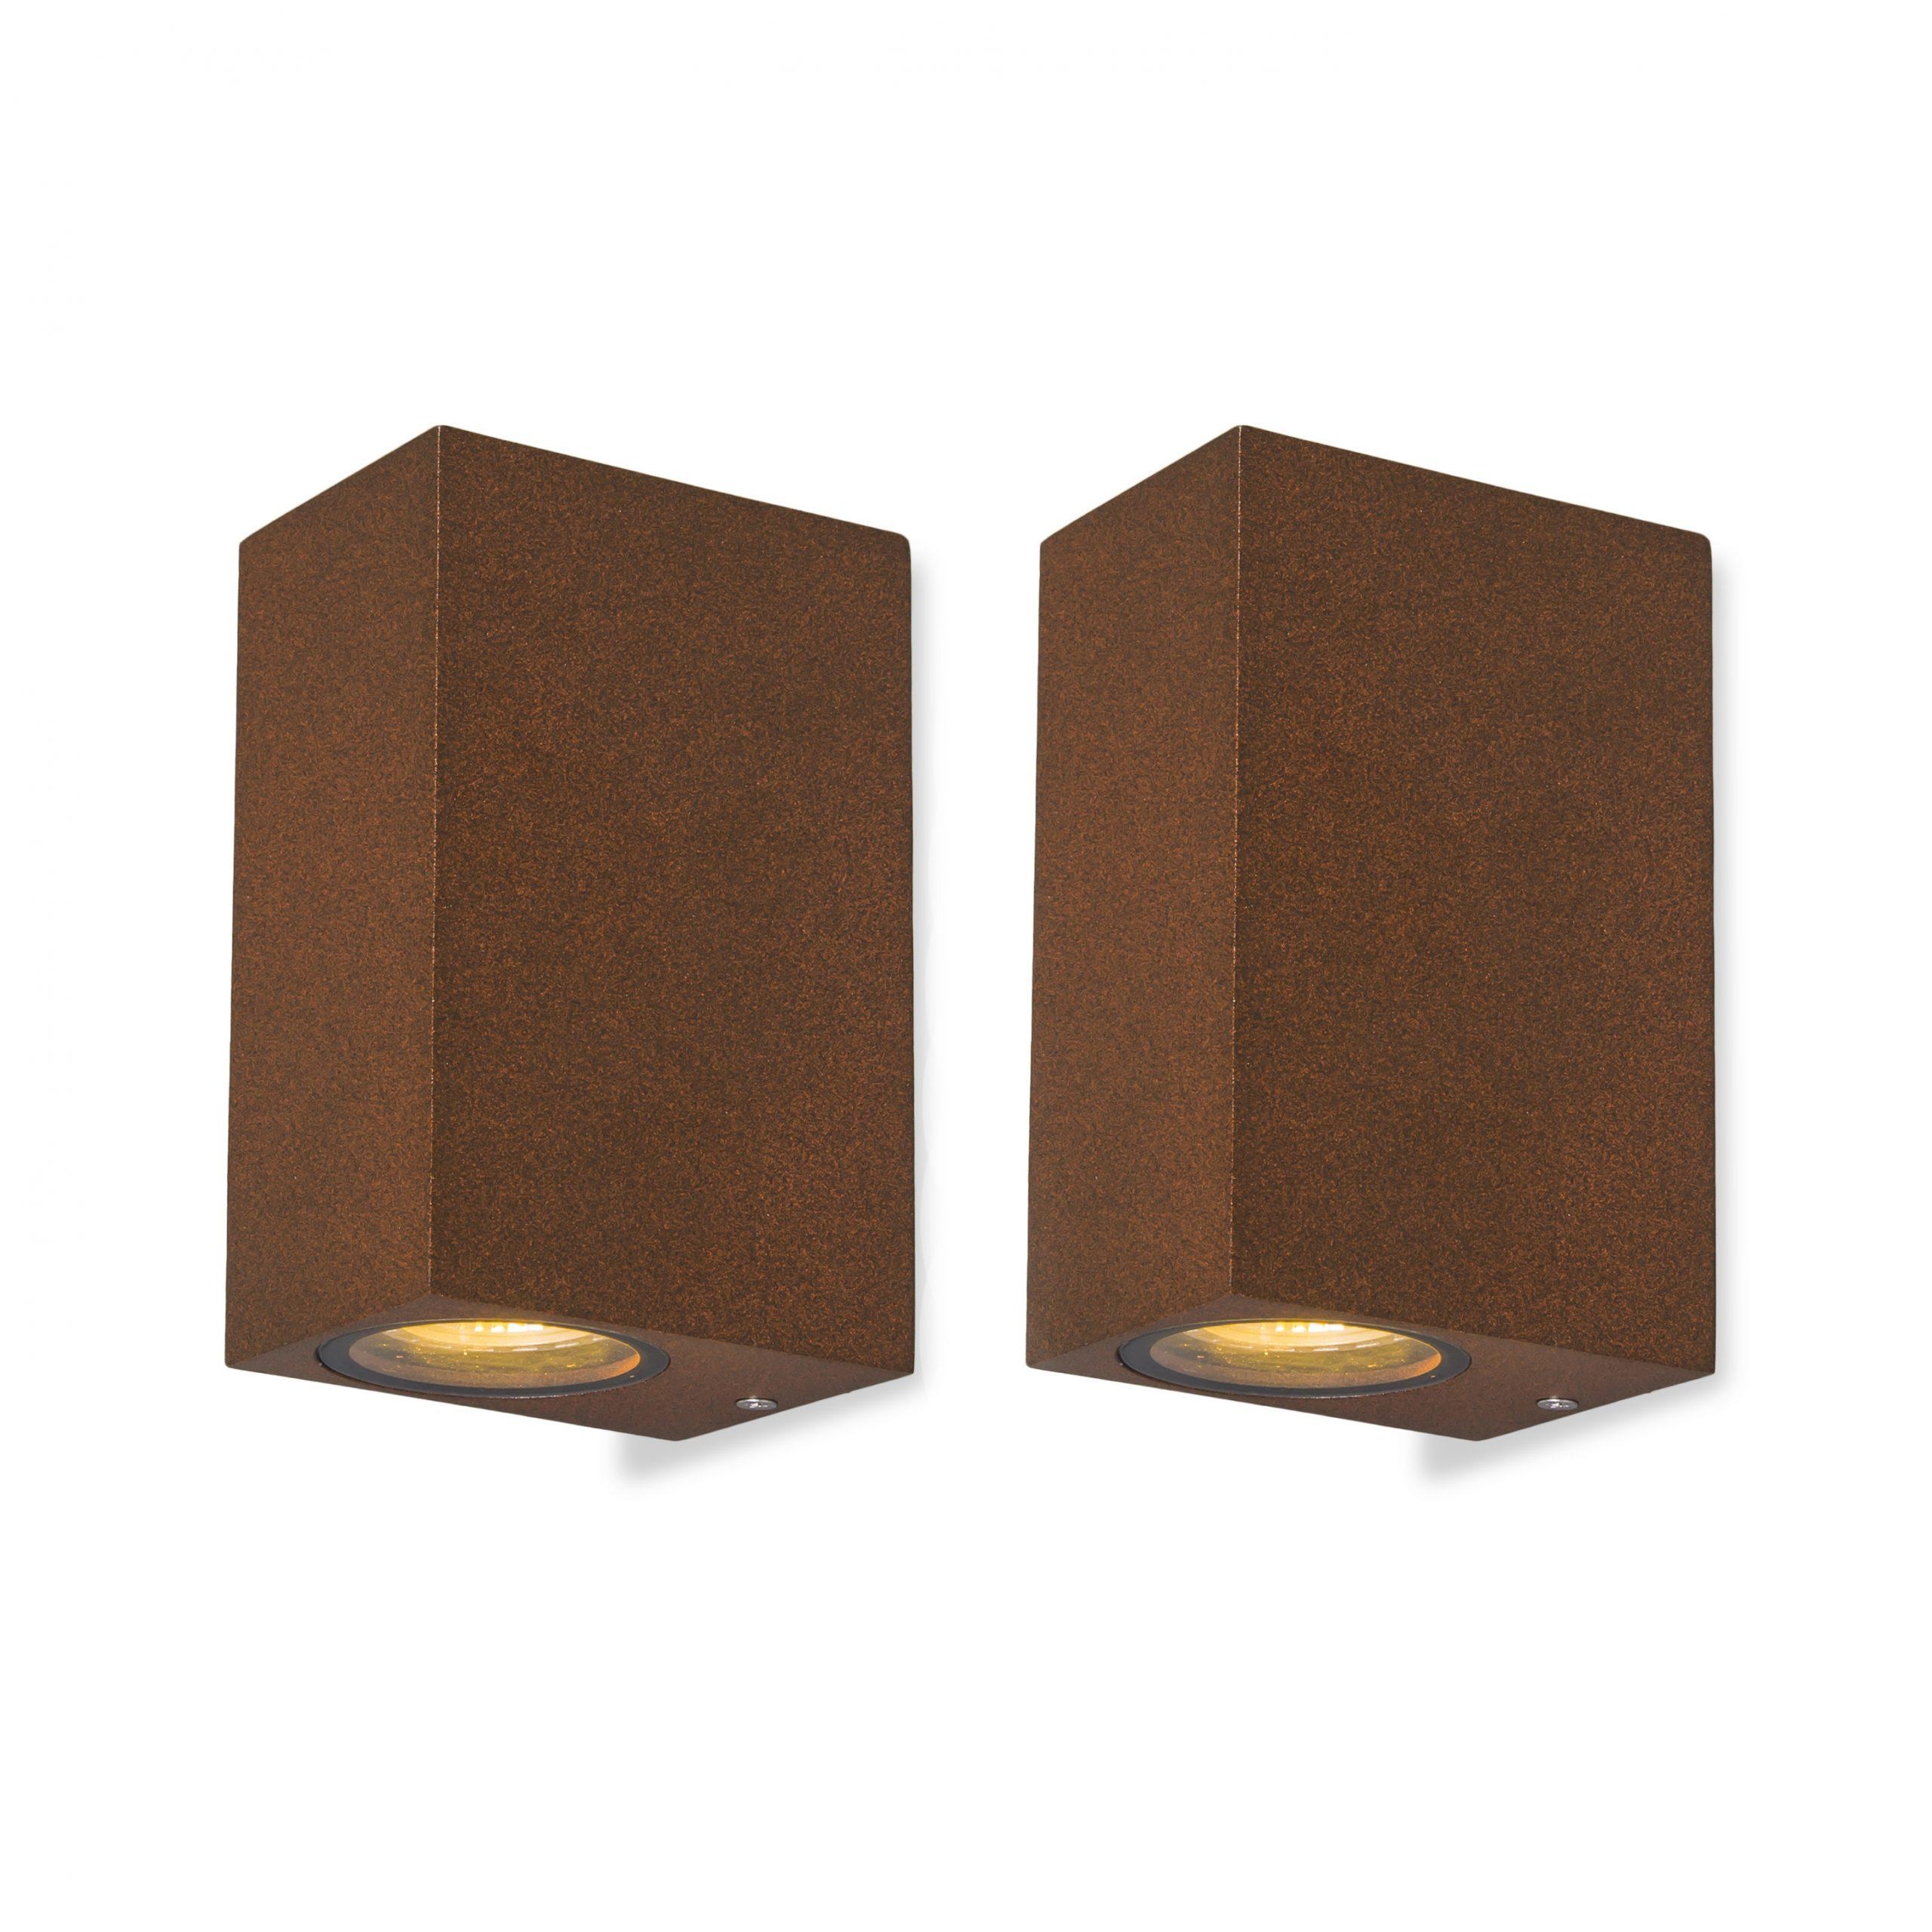 Set van 2 wandlampen Baleno II roestbruin   QAZQA   8718881079320